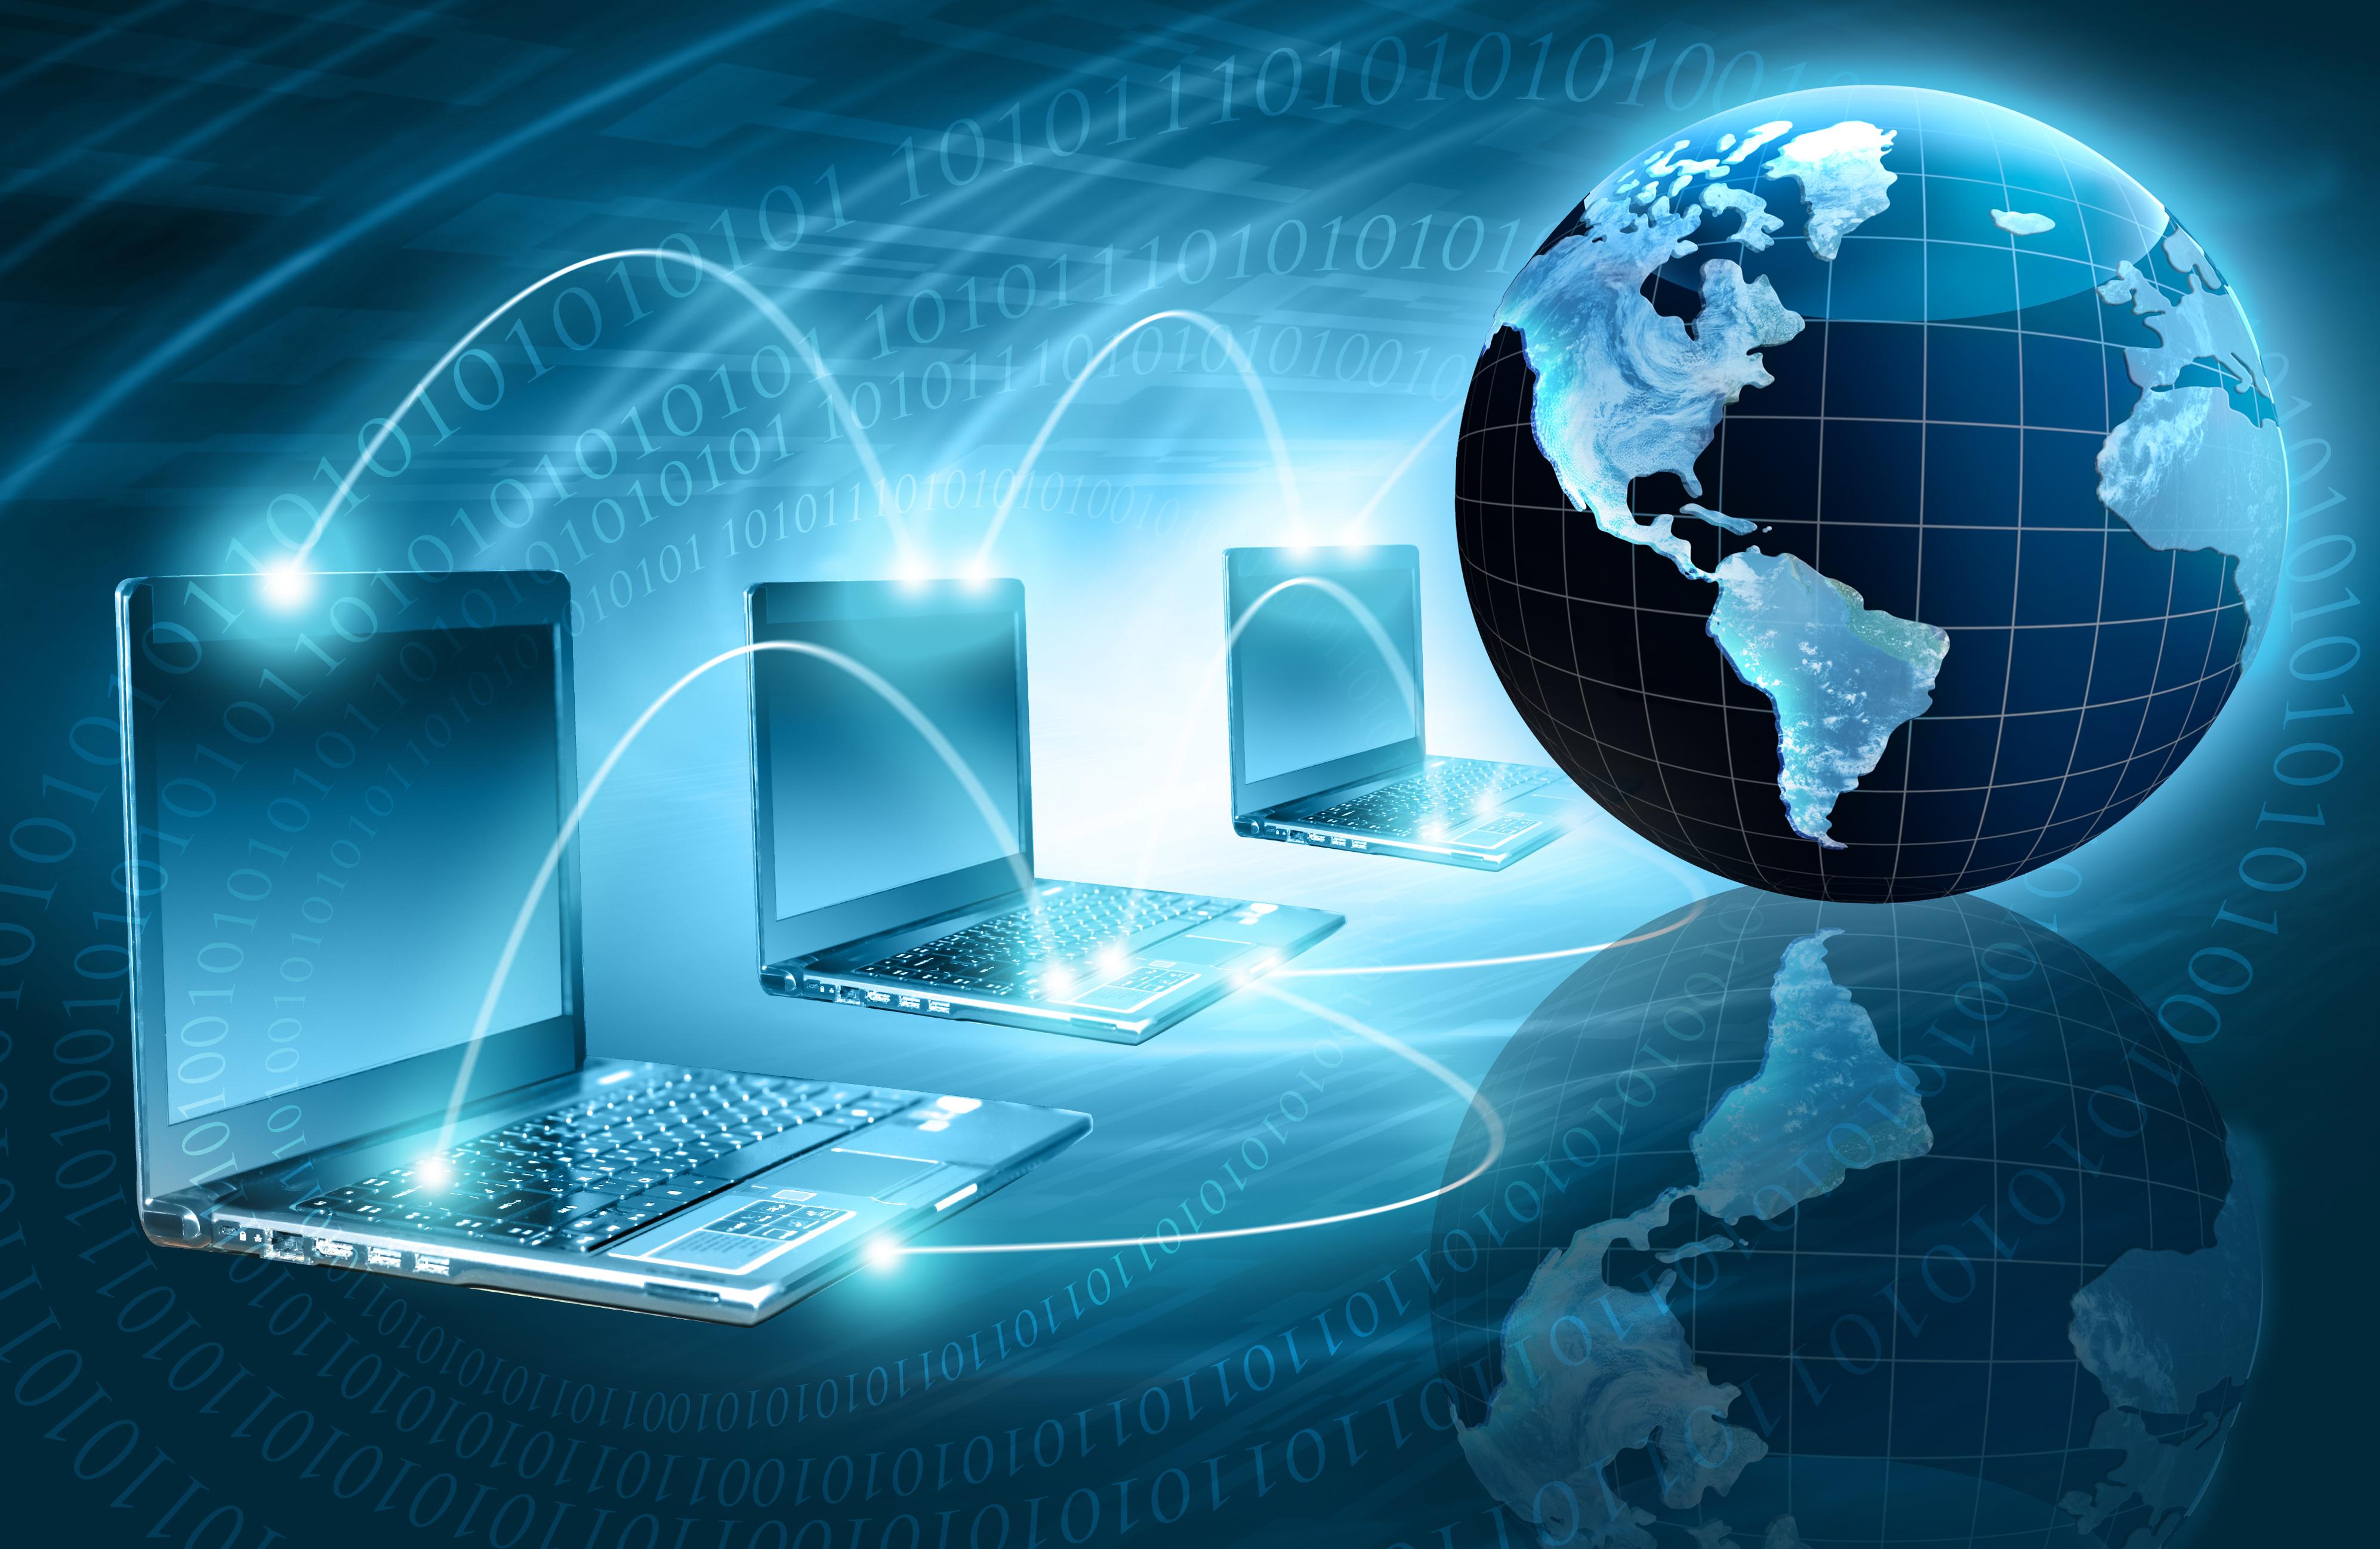 картинки интернет провайдеров государственного